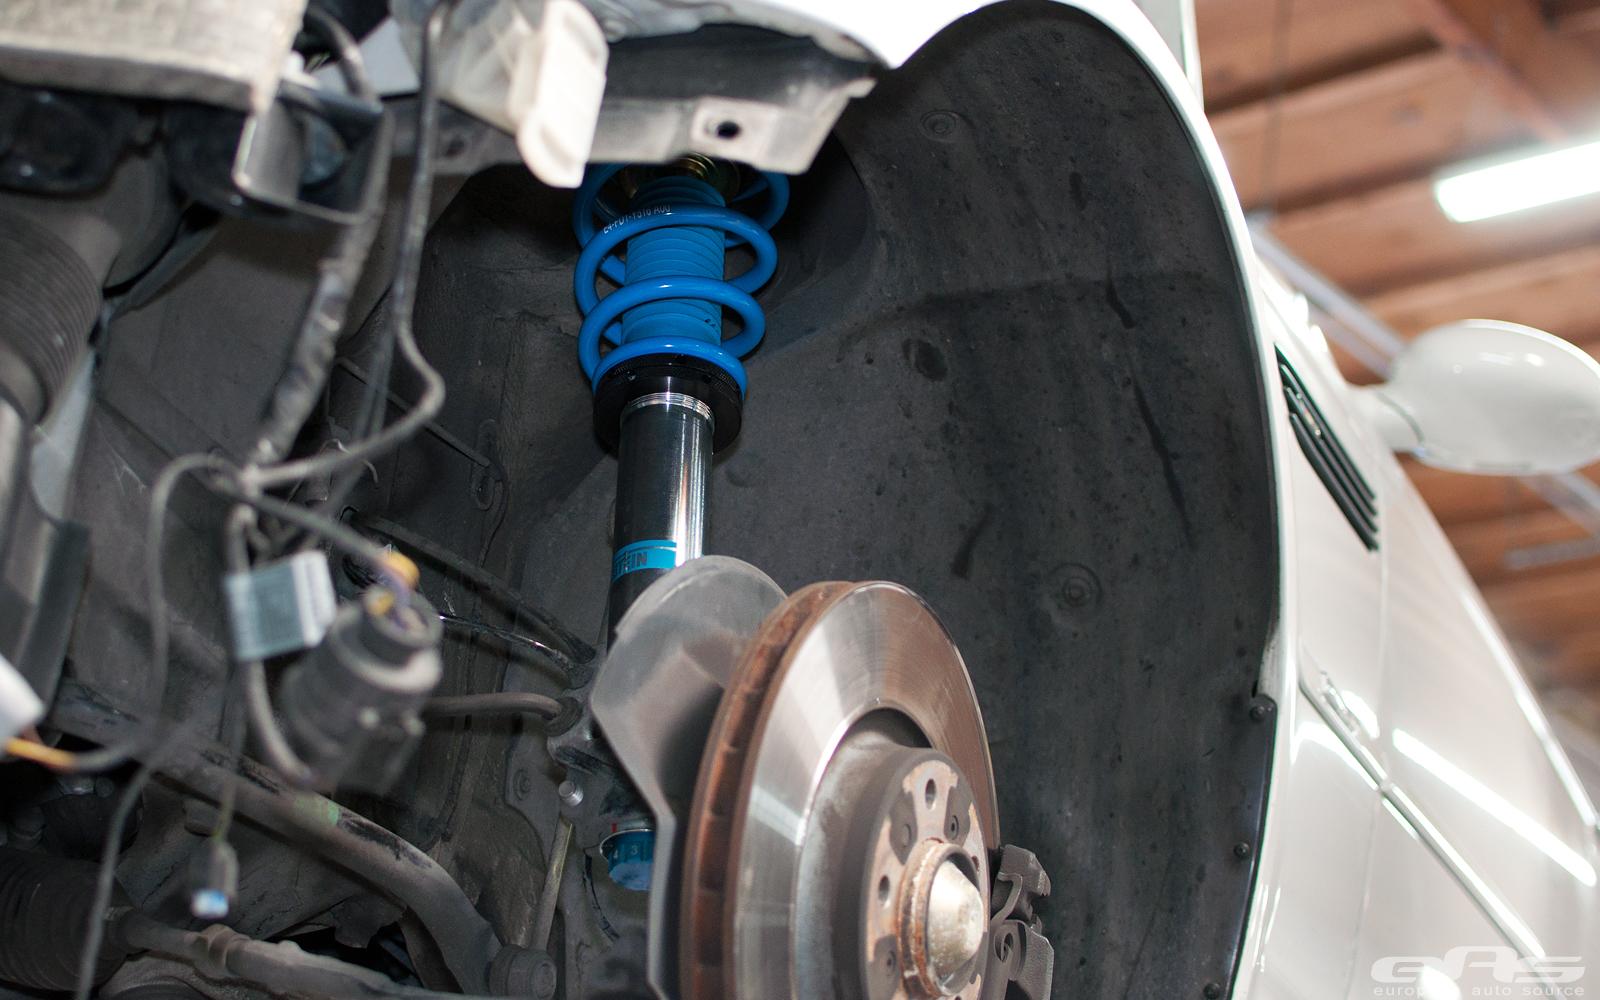 Bmw M3 Reviews >> Clean BMW E46 M3 Receives EAS Suspension - autoevolution